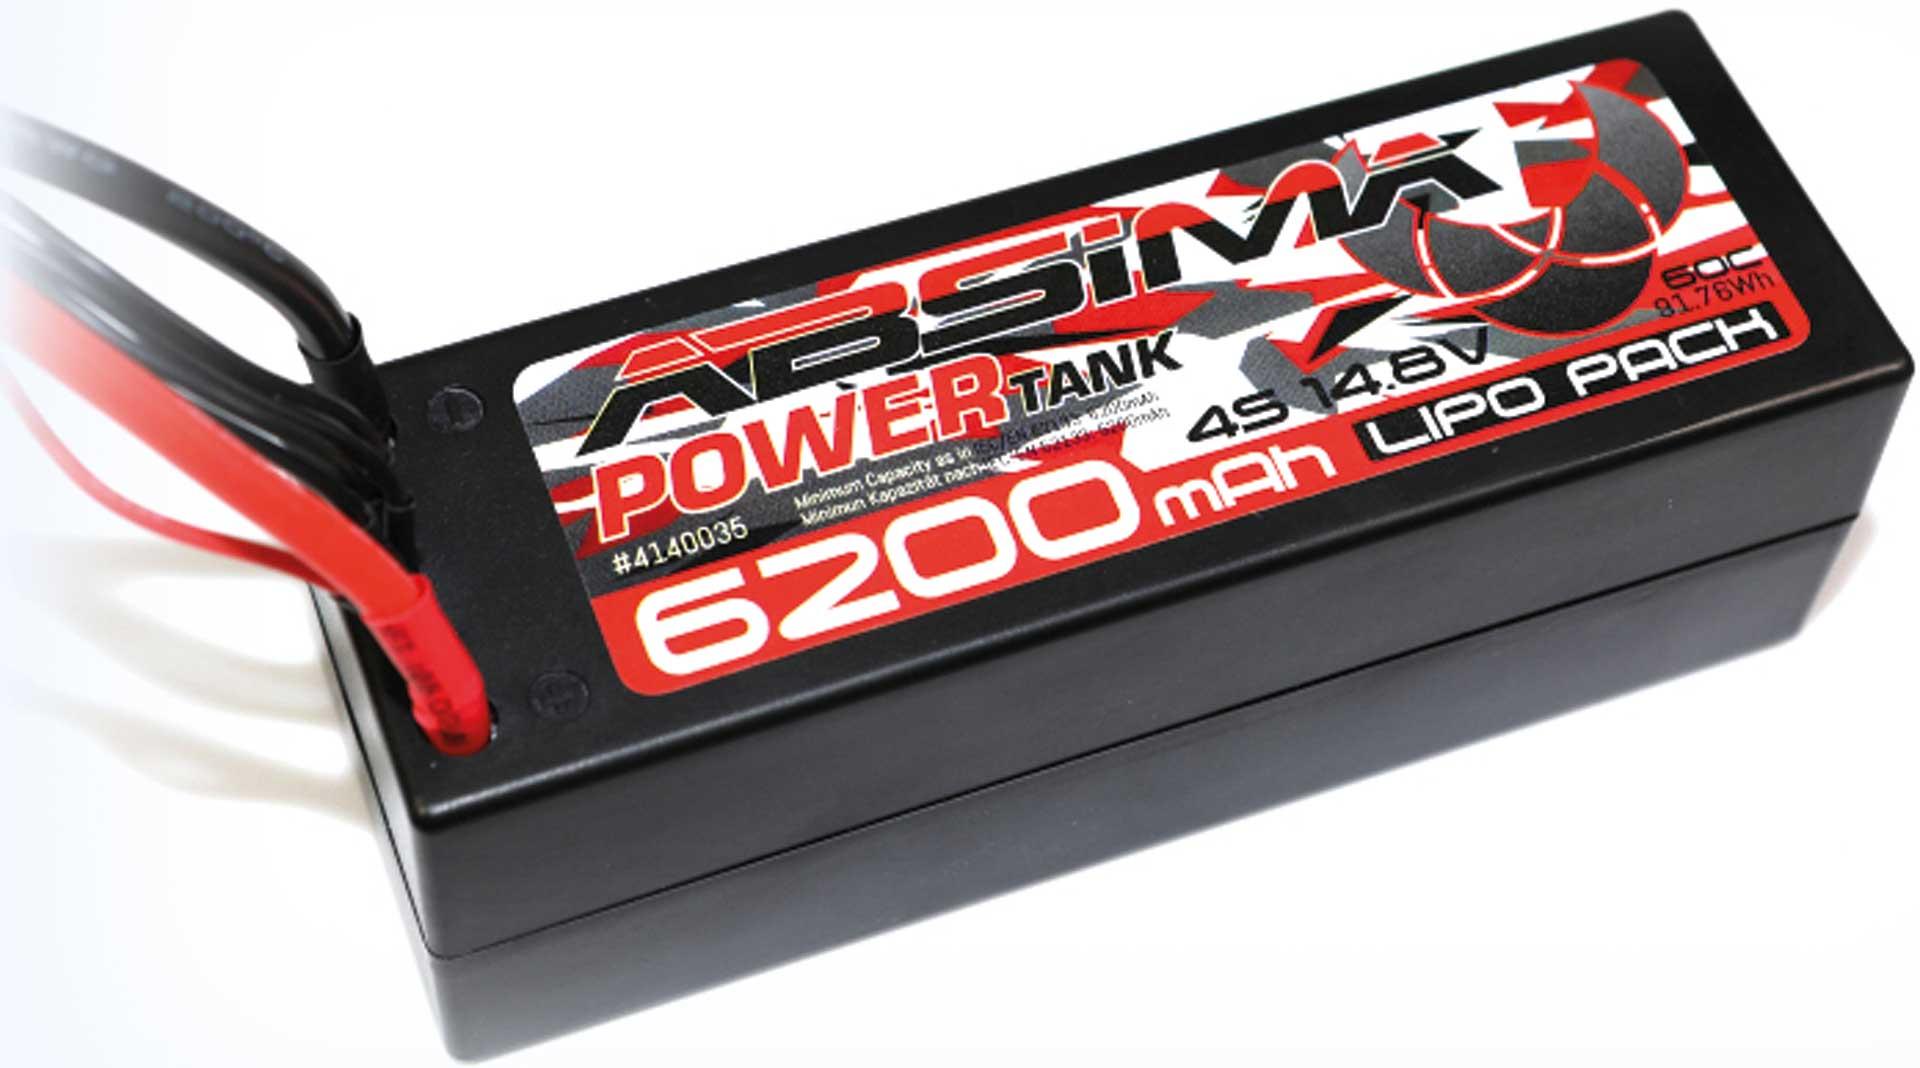 Absima Power Tank LiPo Stick Pack 14,8V 60C 6200mah Hardcase (XT90 Plug)